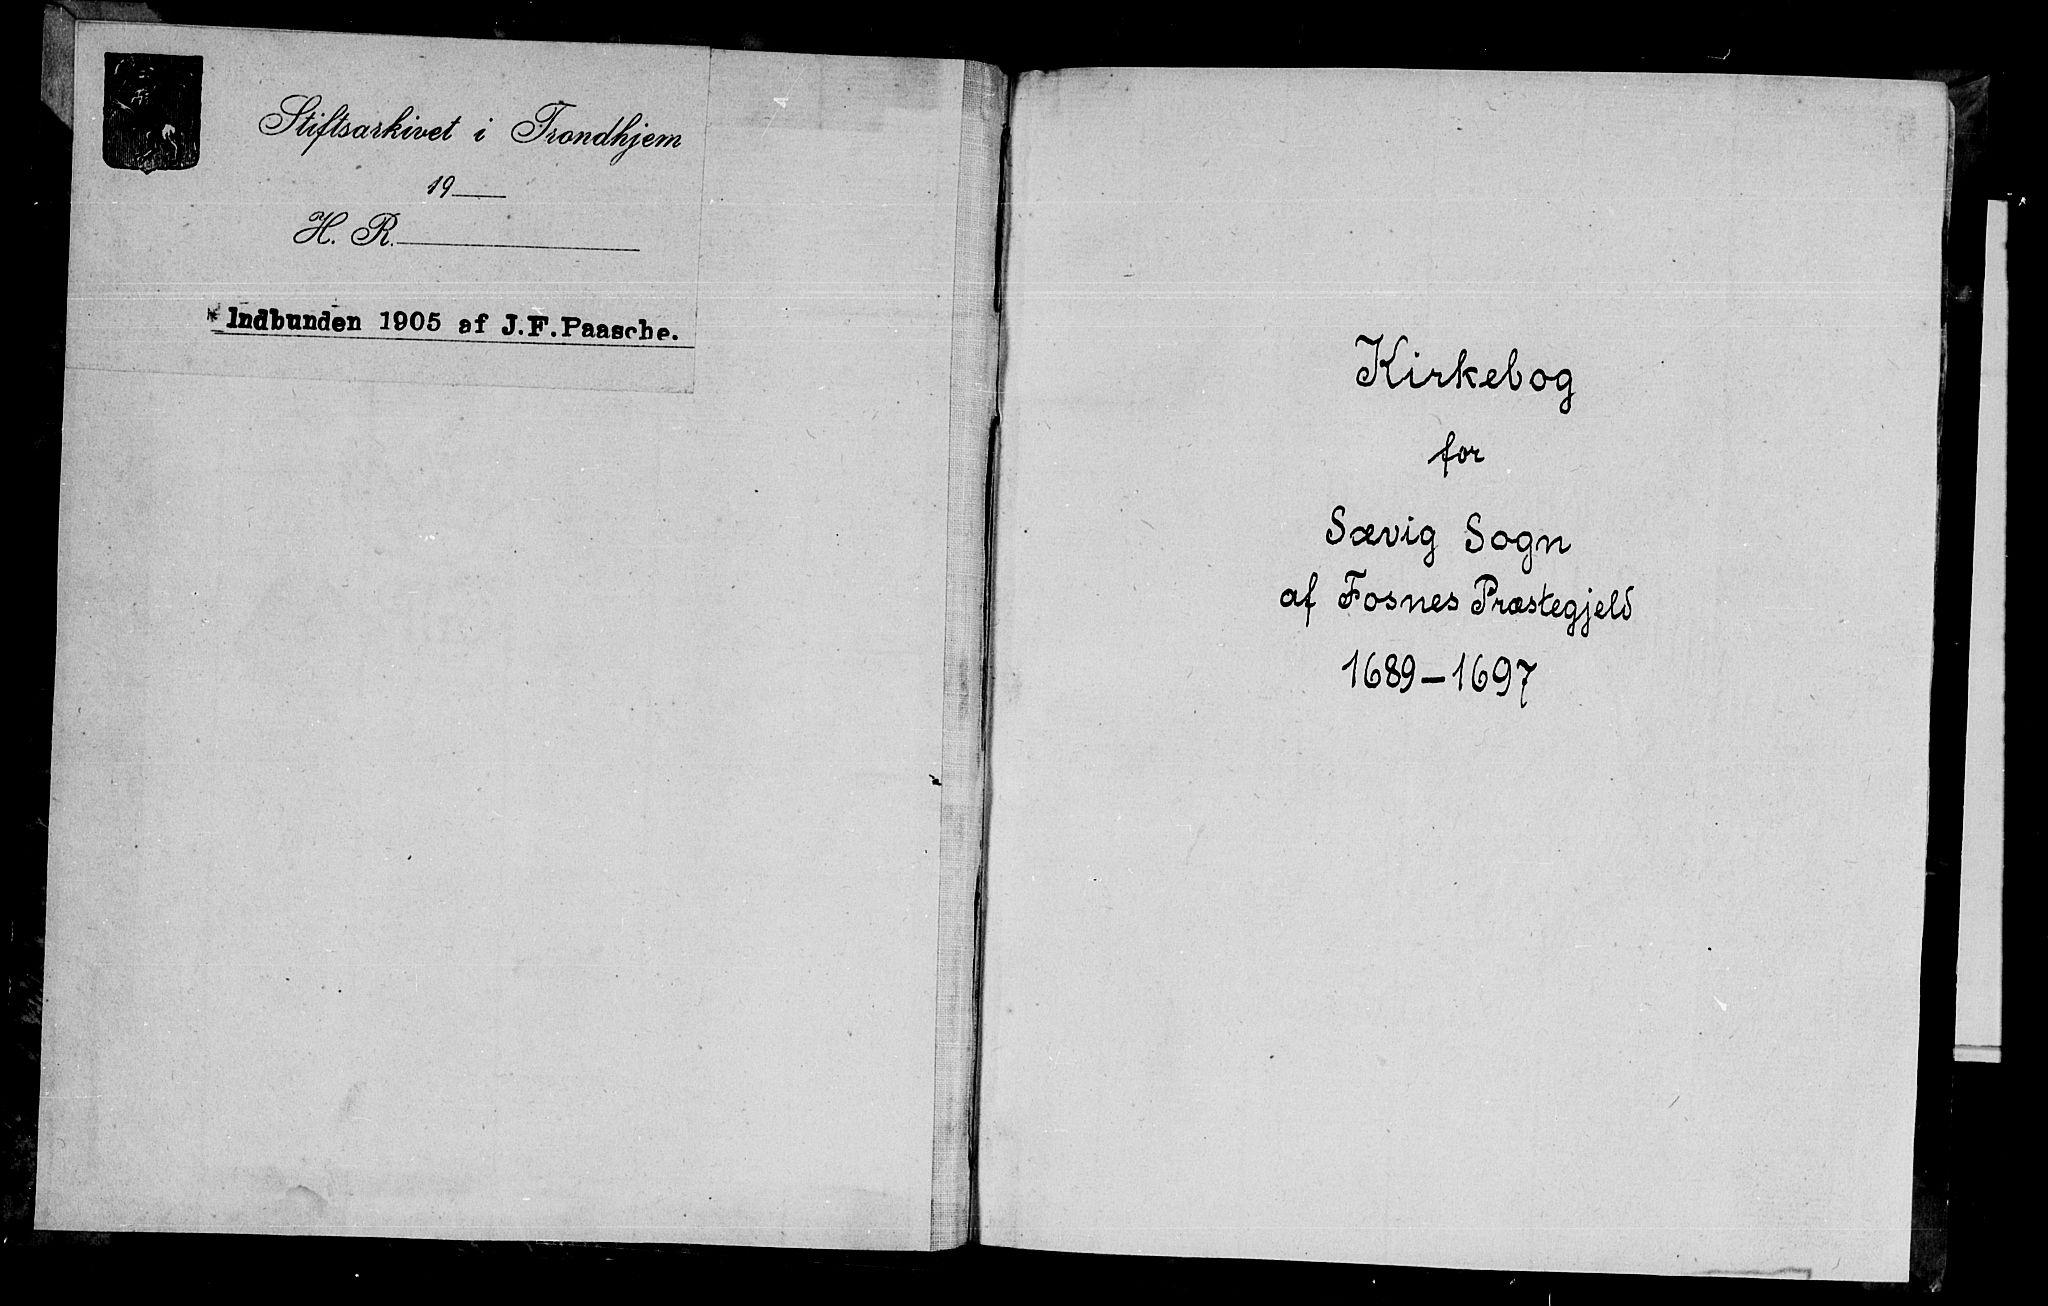 SAT, Ministerialprotokoller, klokkerbøker og fødselsregistre - Nord-Trøndelag, 770/L0587: Ministerialbok nr. 770A01, 1689-1697